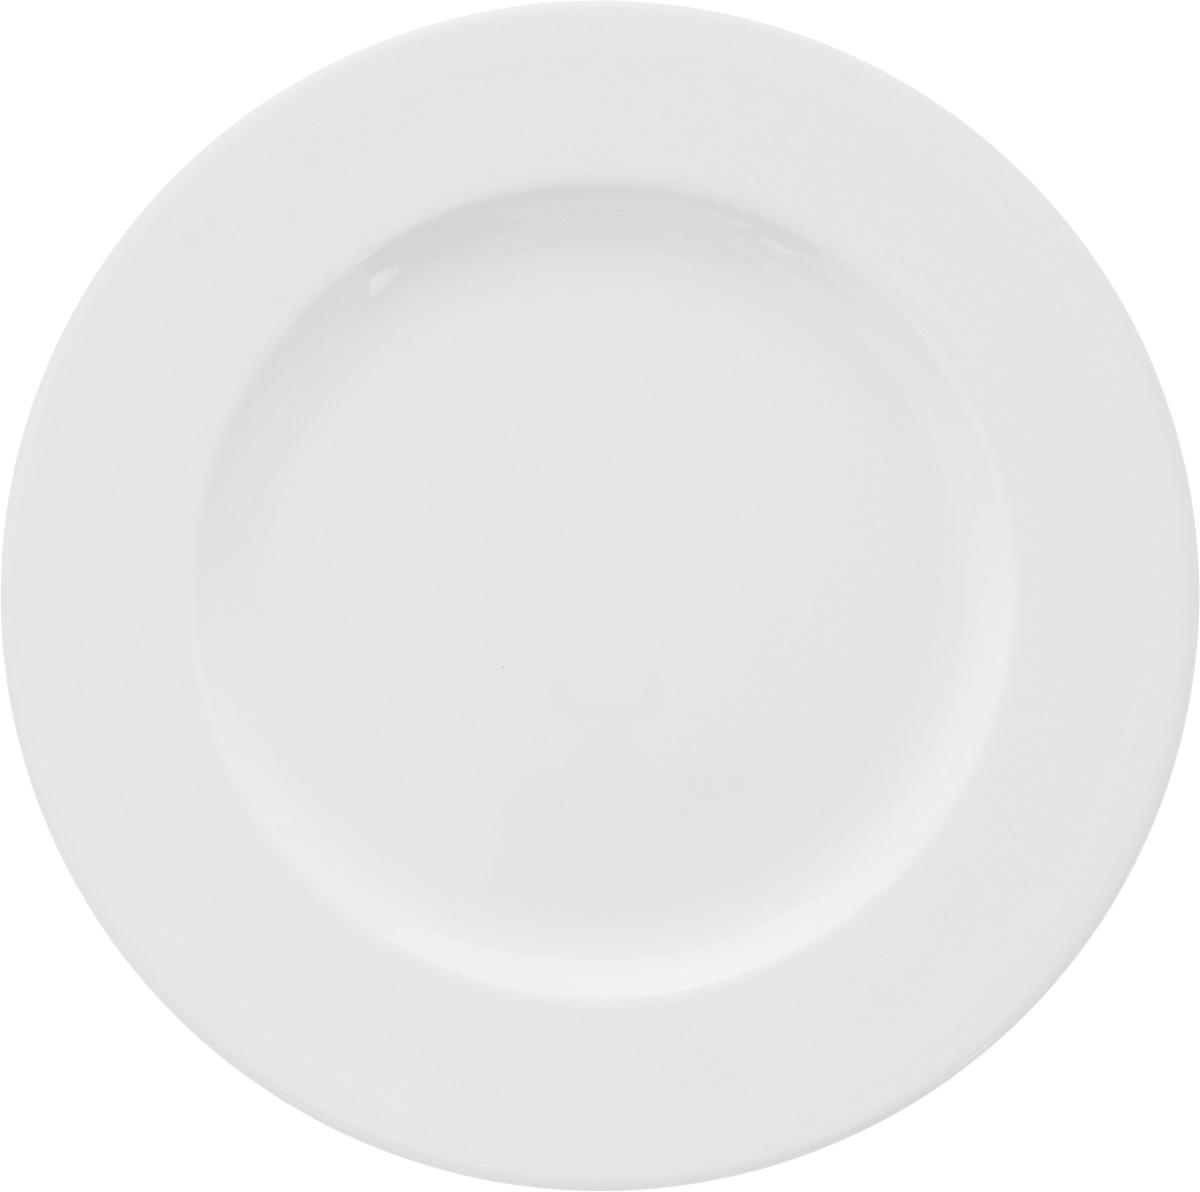 Тарелка мелкая Ariane Прайм, диаметр 27 см. APRARN11027APRARN11027Мелкая тарелка Ariane Прайм, изготовленная из высококачественного фарфора, имеет классическую круглую форму. Такая тарелка отлично подойдет в качестве блюда для сервировки закусок, нарезок, горячих блюд. Изделие прекрасно впишется в интерьер вашей кухни и станет достойным дополнением к кухонному инвентарю. Тарелка Ariane Прайм подчеркнет прекрасный вкус хозяйки и станет отличным подарком. Можно мыть в посудомоечной машине и использовать в микроволновой печи. Высота тарелки: 2 см. Диаметр тарелки: 27 см.